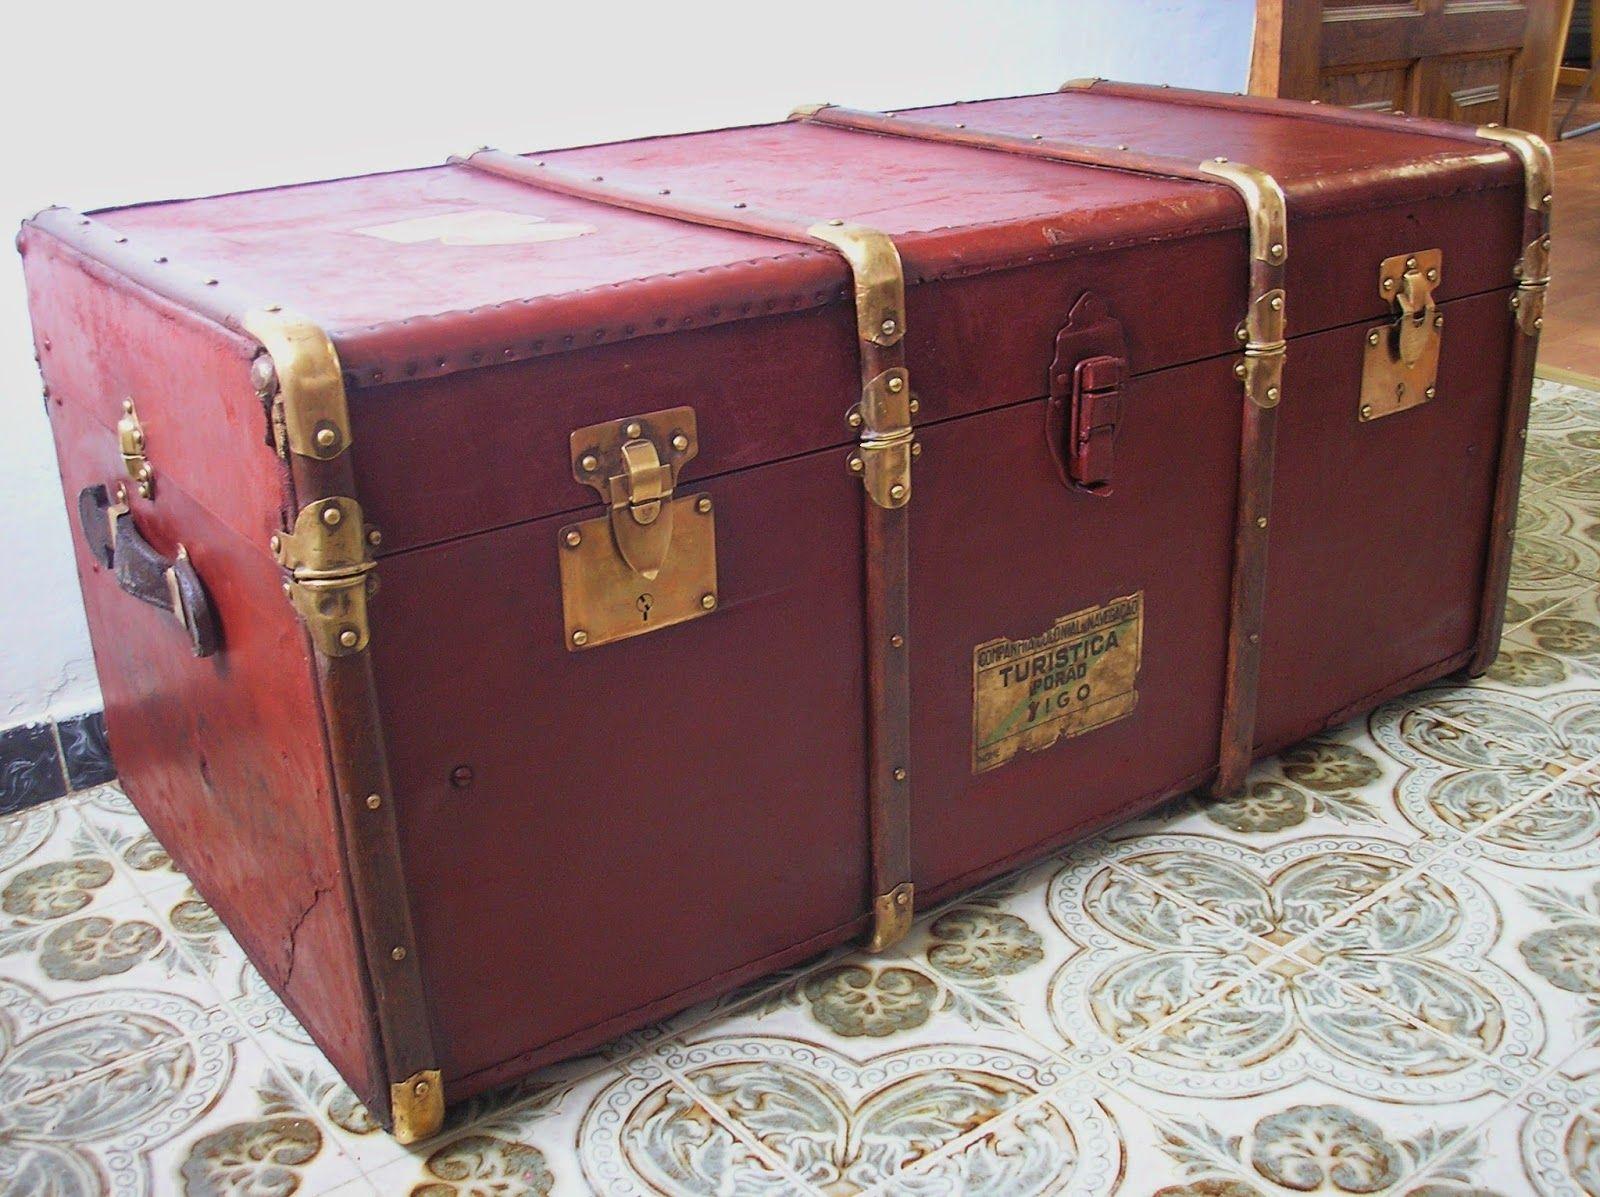 El desvan de mamen compa ia colonial de navegaci n trabajos en 2019 ba l baul vintage y - Desvan vintage ...